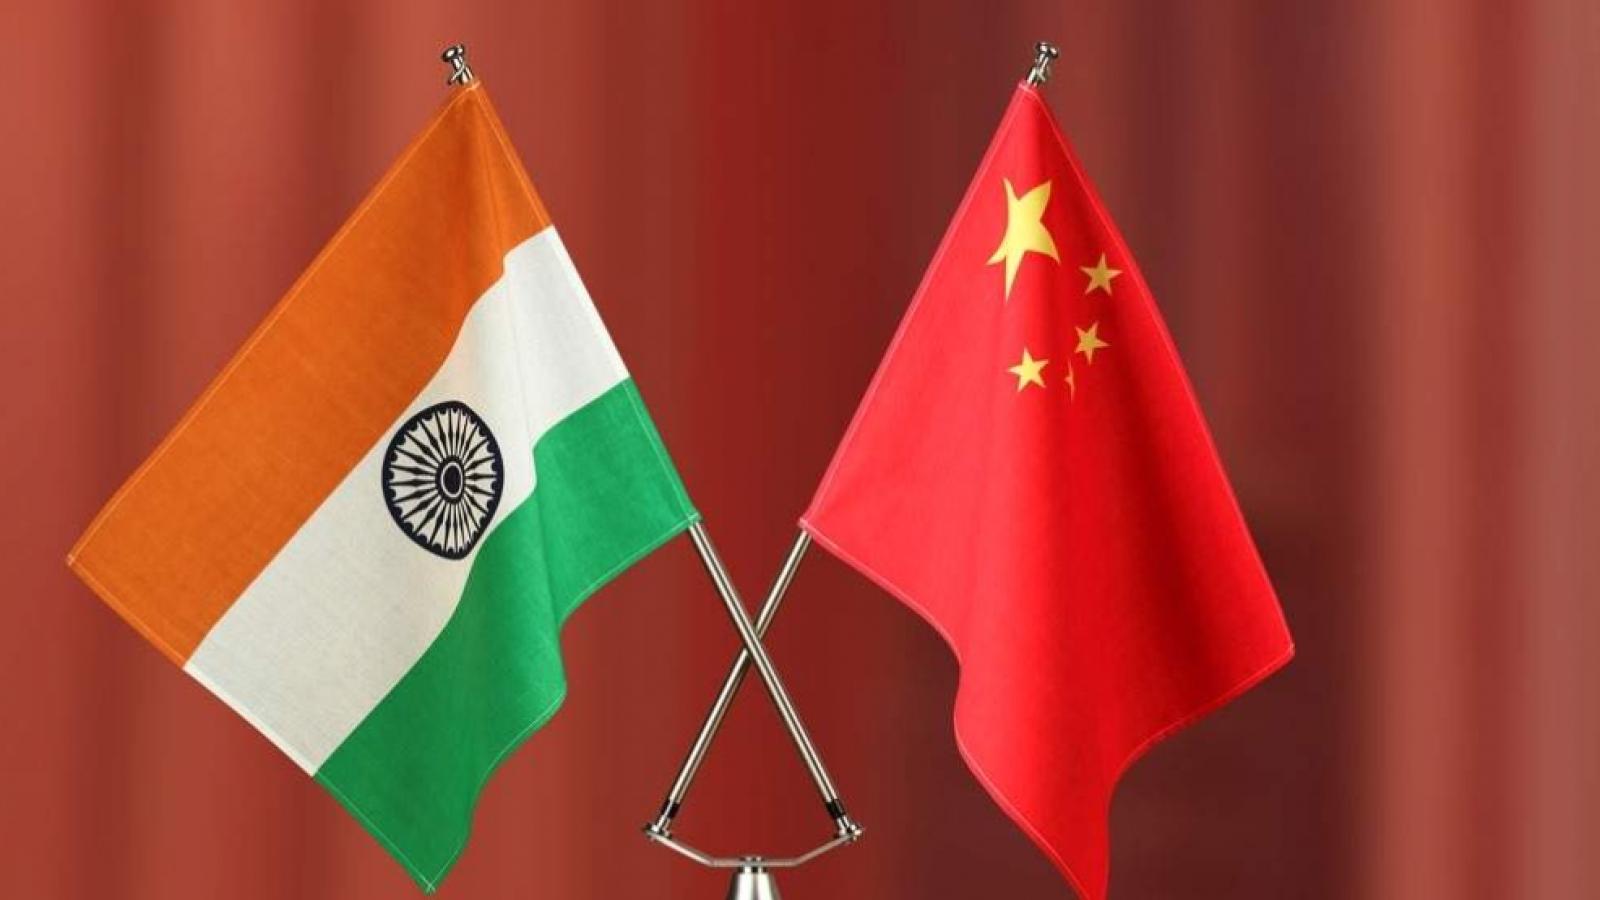 Trung Quốc và Ấn Độ đàm phán cấp Tư lệnh quân đoàn lần thứ 12